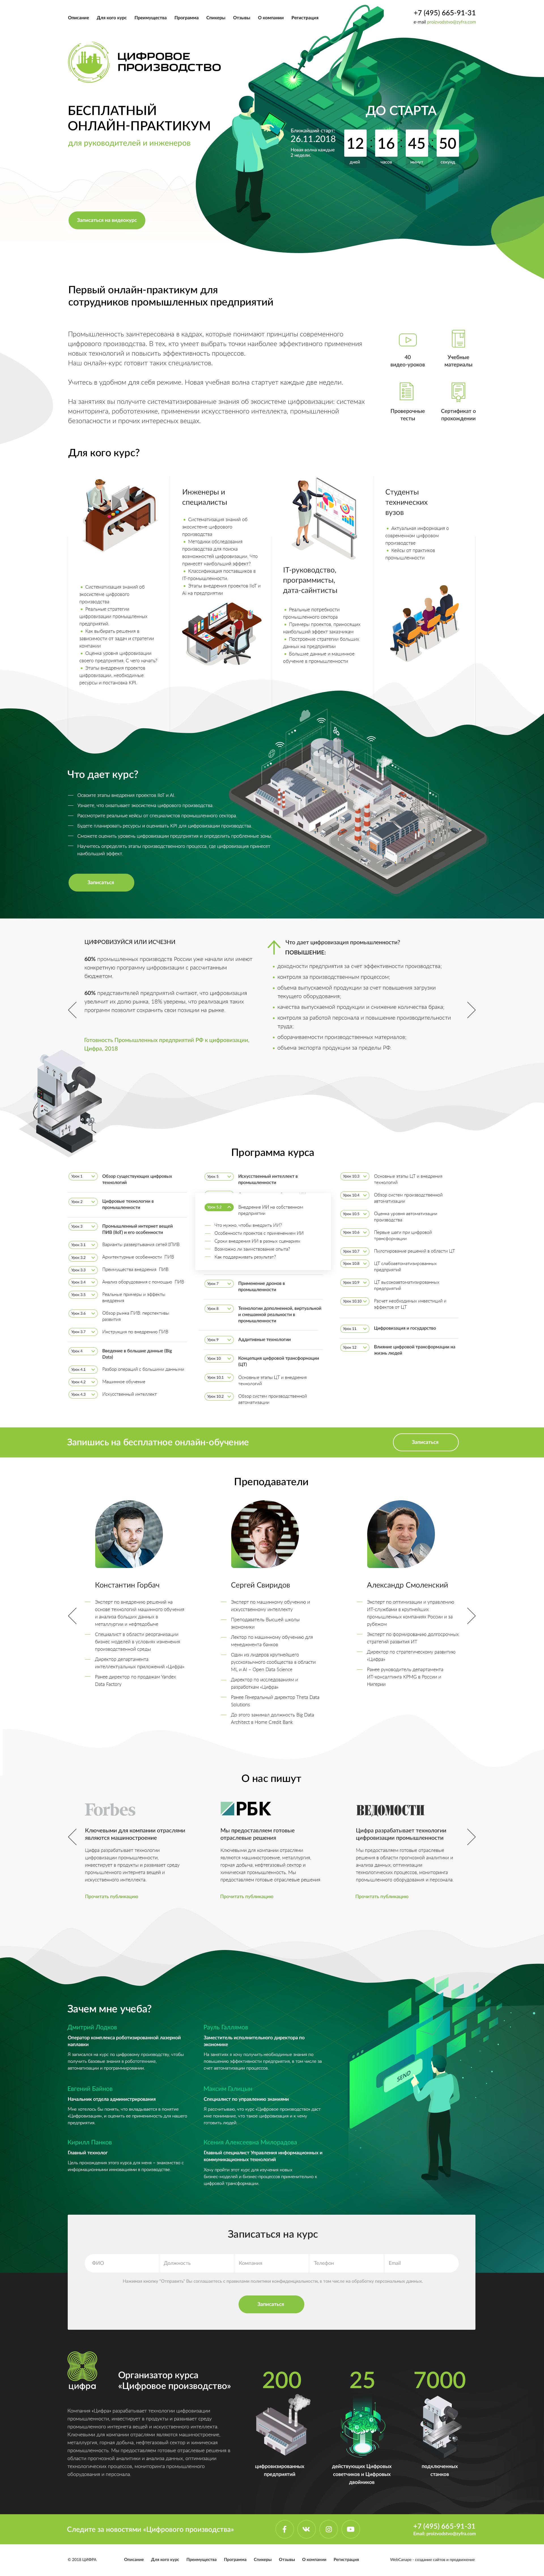 Разработка сайта онлайн-курсов